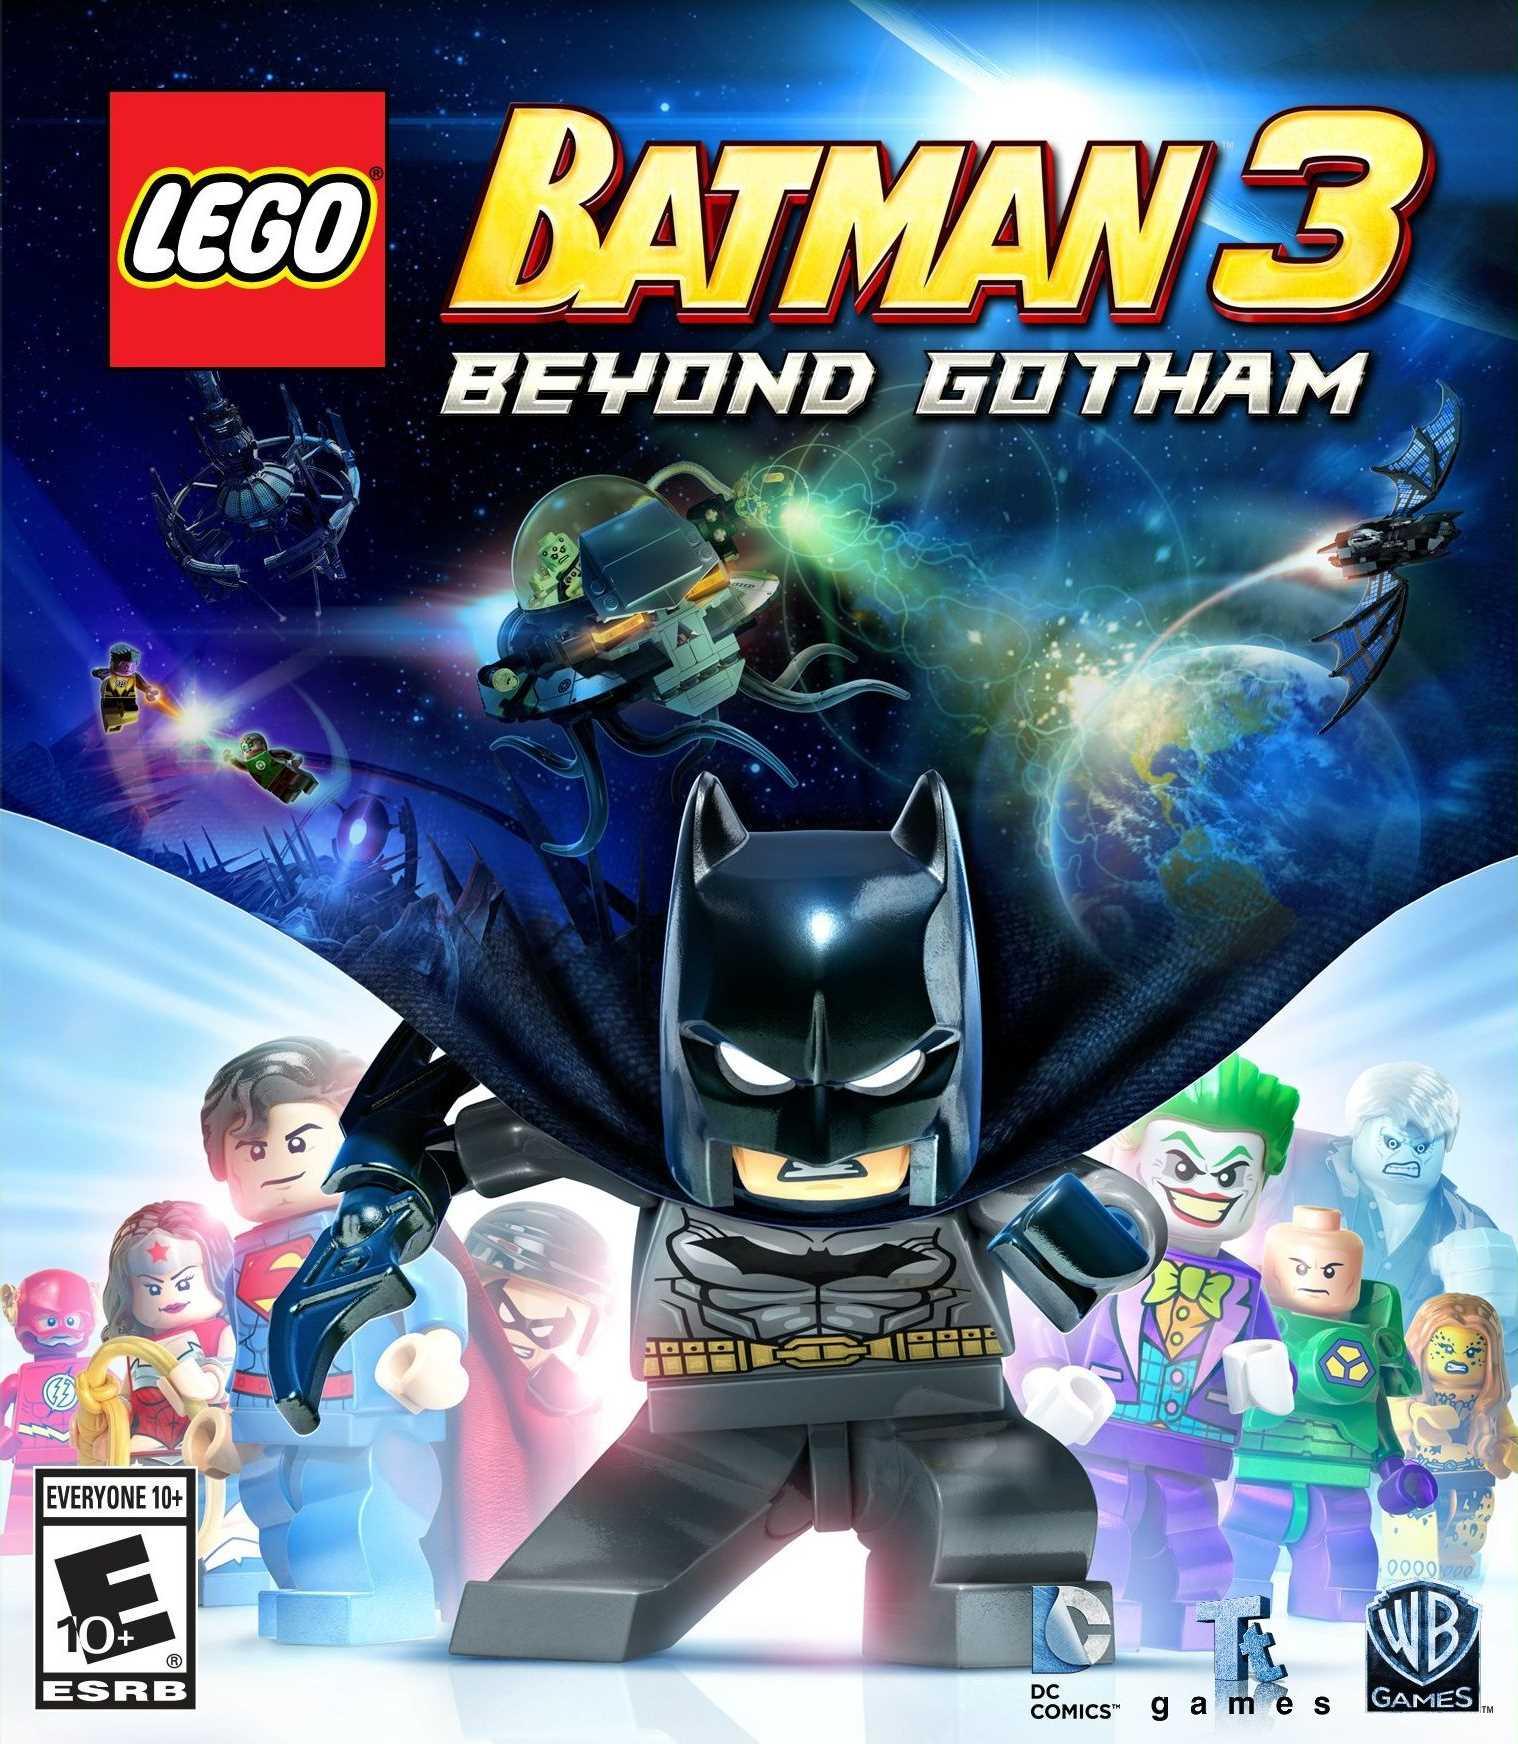 LEGO Batman 3: Beyond Gotham | Brickipedia | FANDOM powered